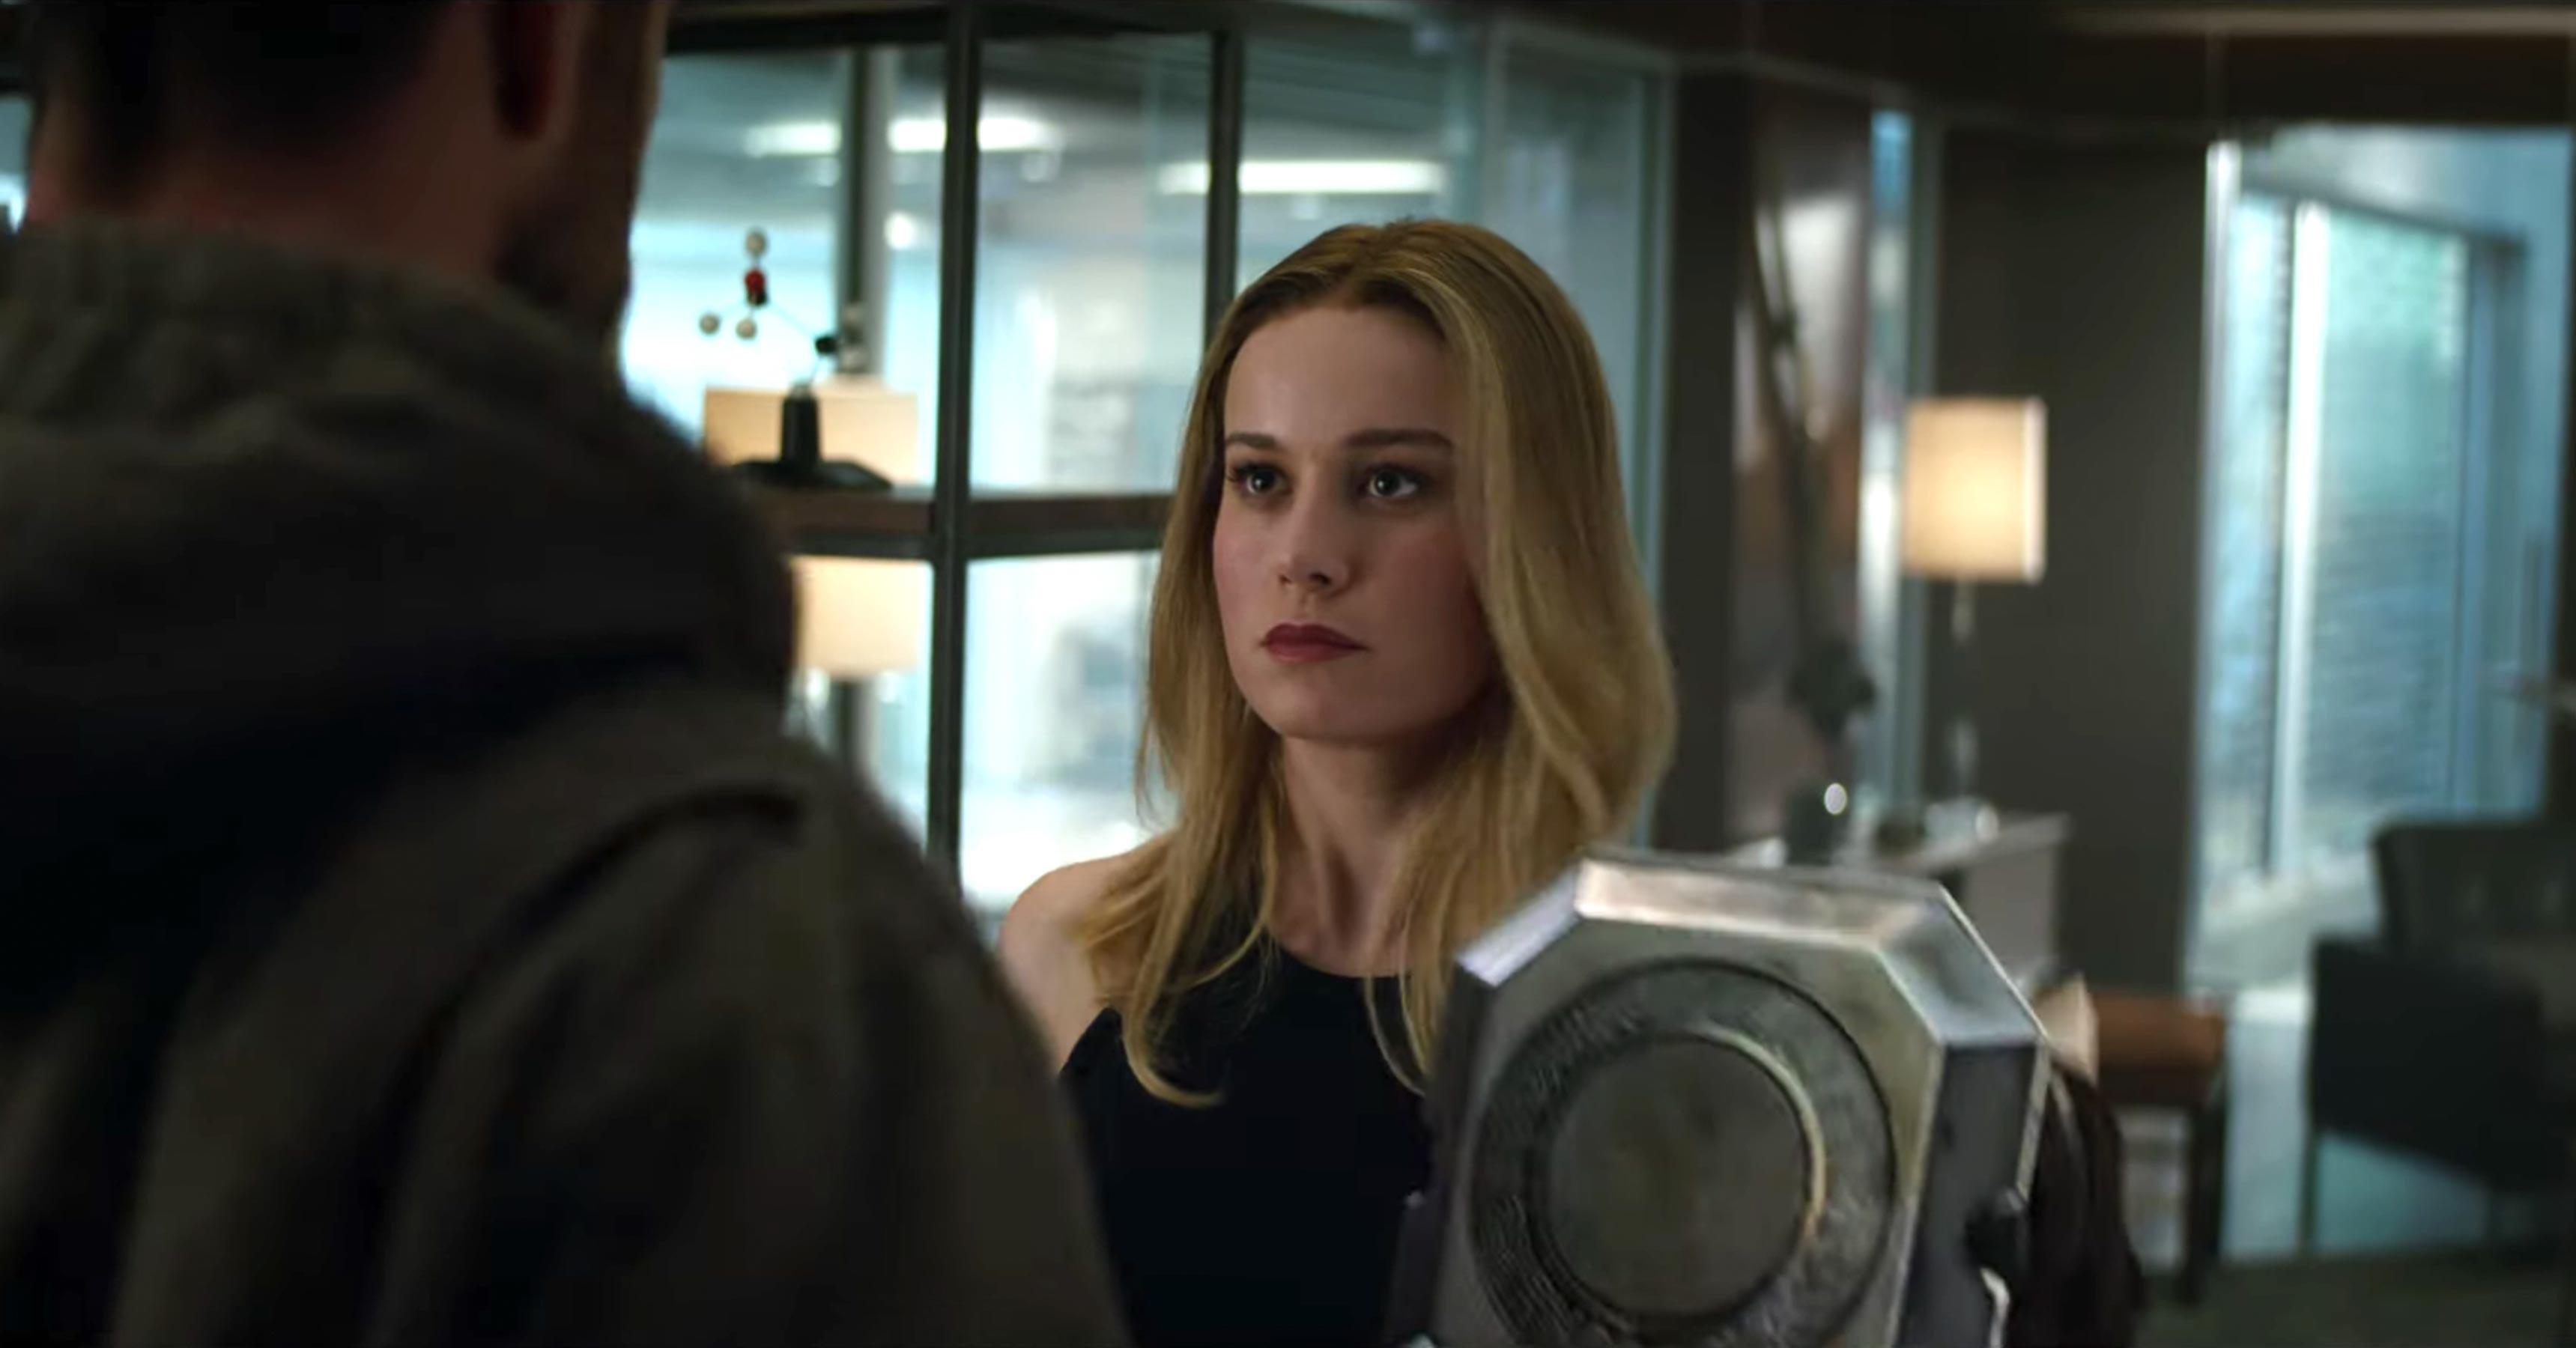 ▲▼「驚奇隊長」布麗拉森在《復仇者聯盟4》劇照 。(圖/翻攝自Youtube/MarvelTW)